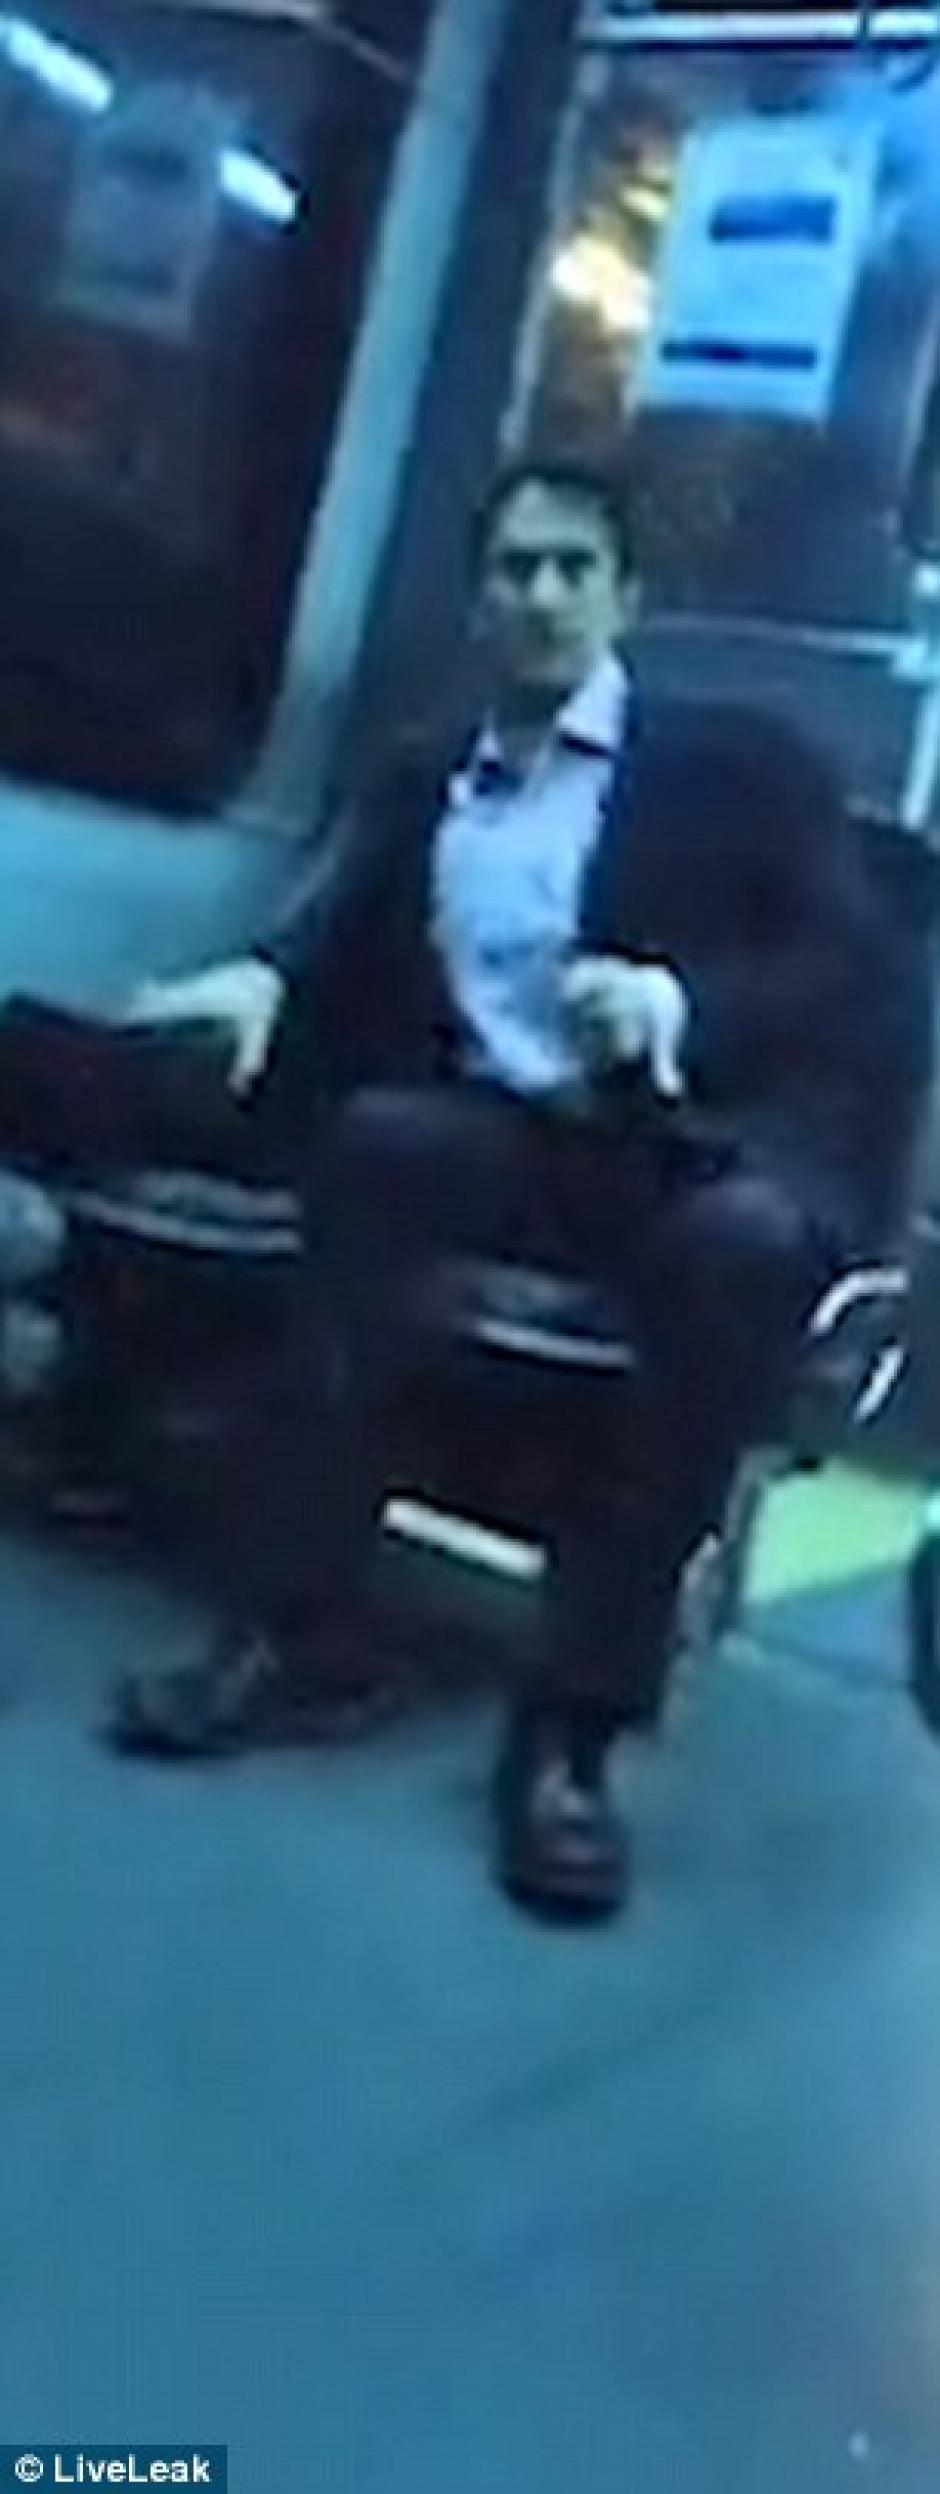 El hombre presumió de tener tres casas y un traje armani de más de Q20 mil. (Foto: dailymail.co.uk)